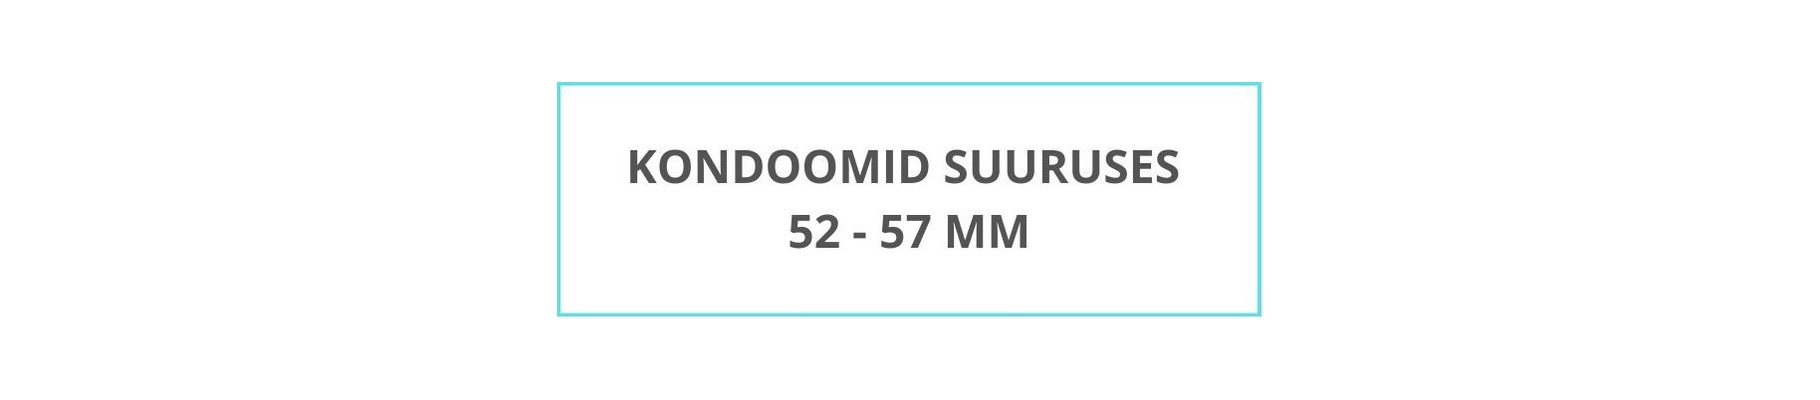 презервативы среднего размера 52-57 мм